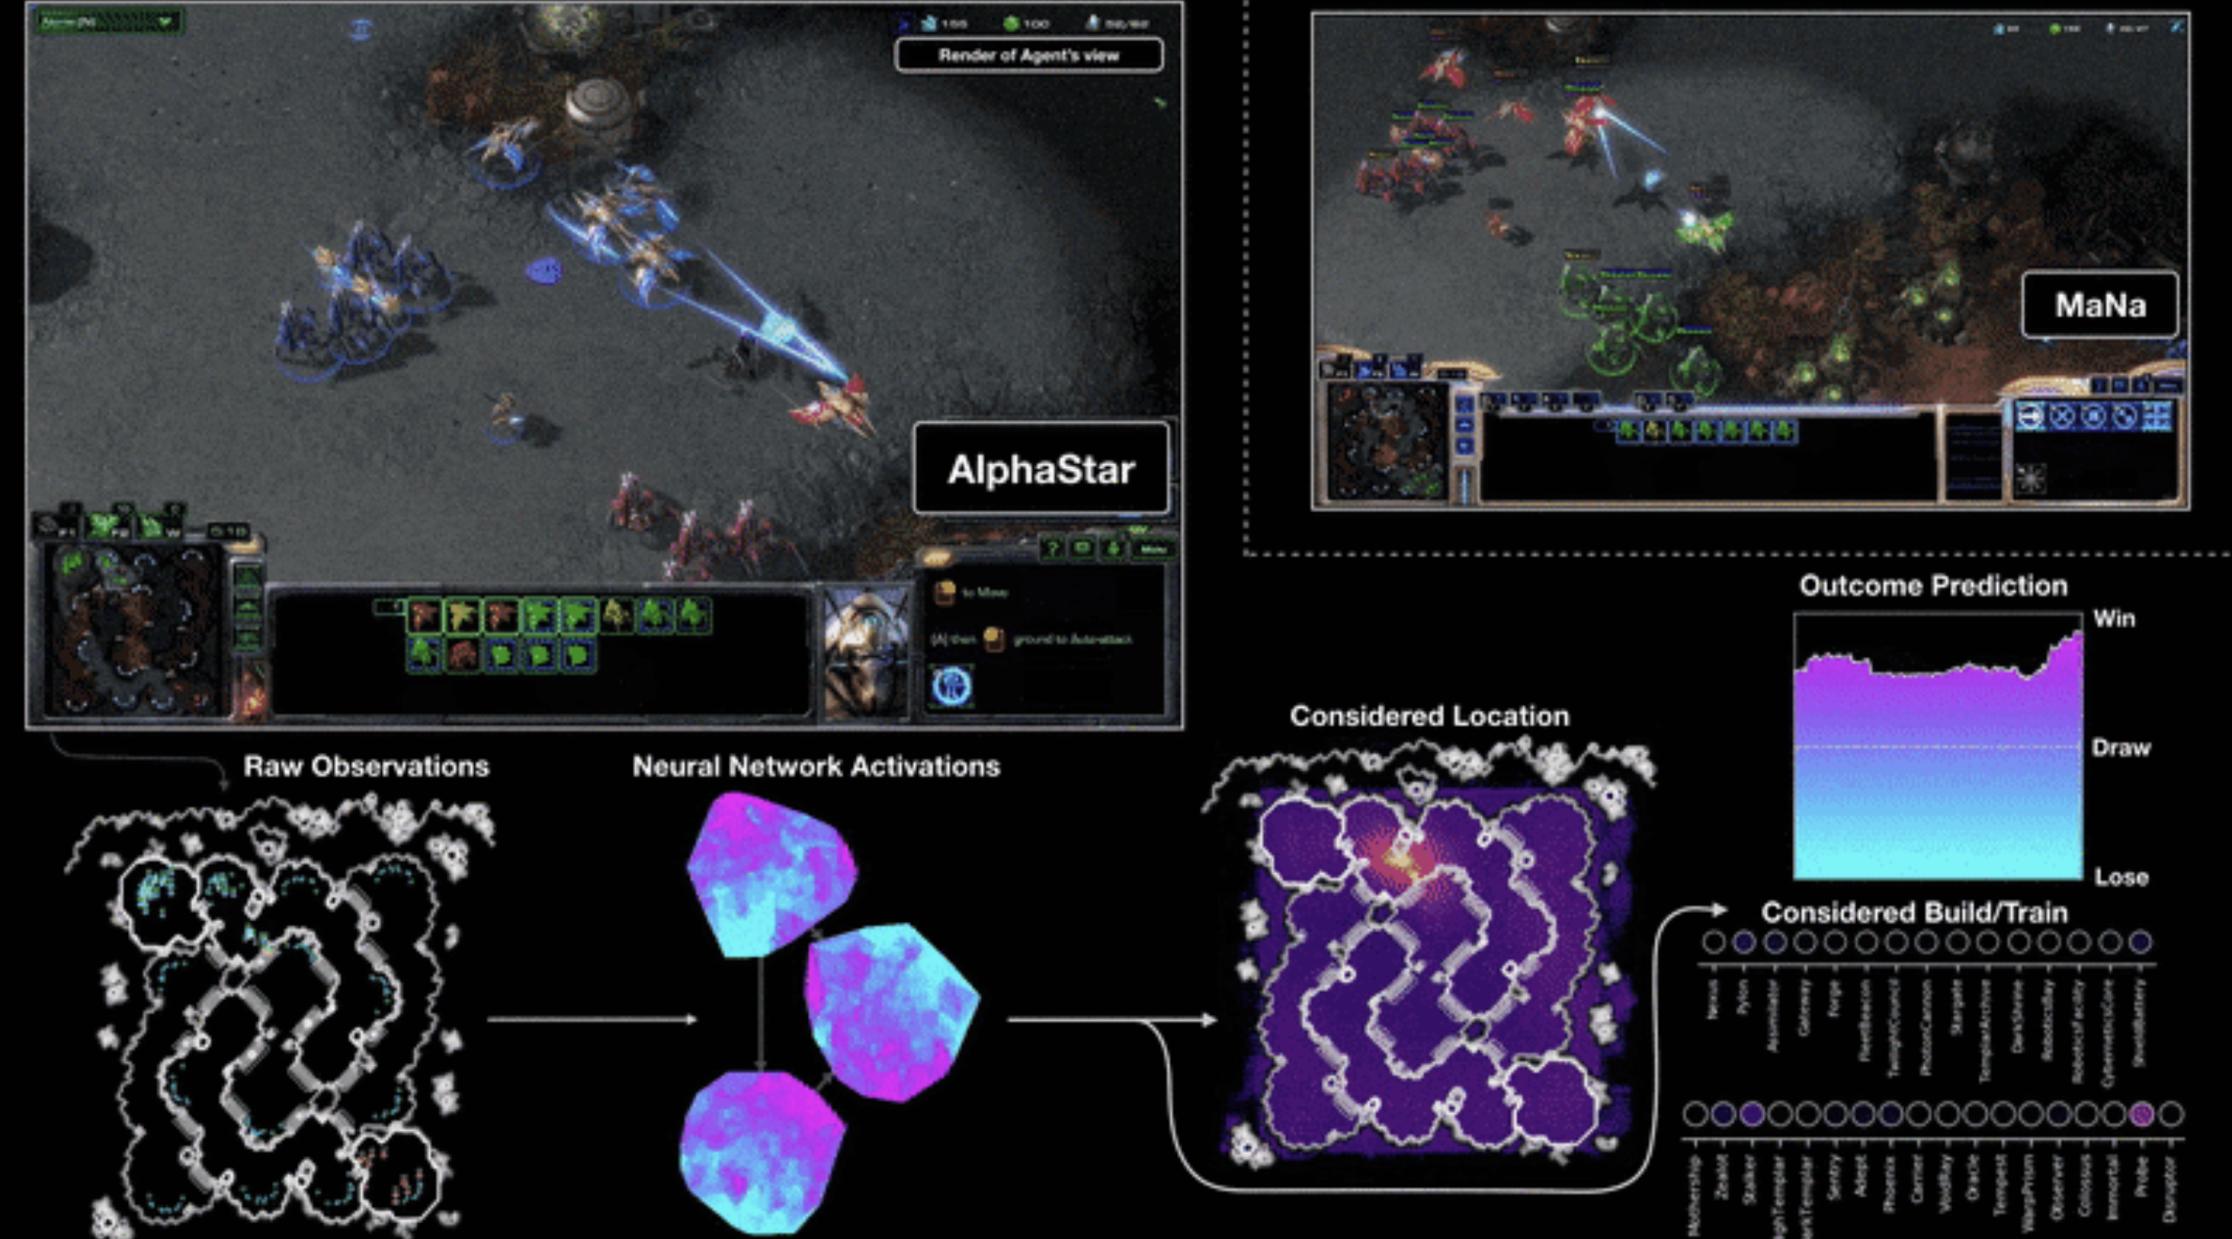 Abbildung 8: AlphaStar gegen MaNa, Quelle: DeepMind